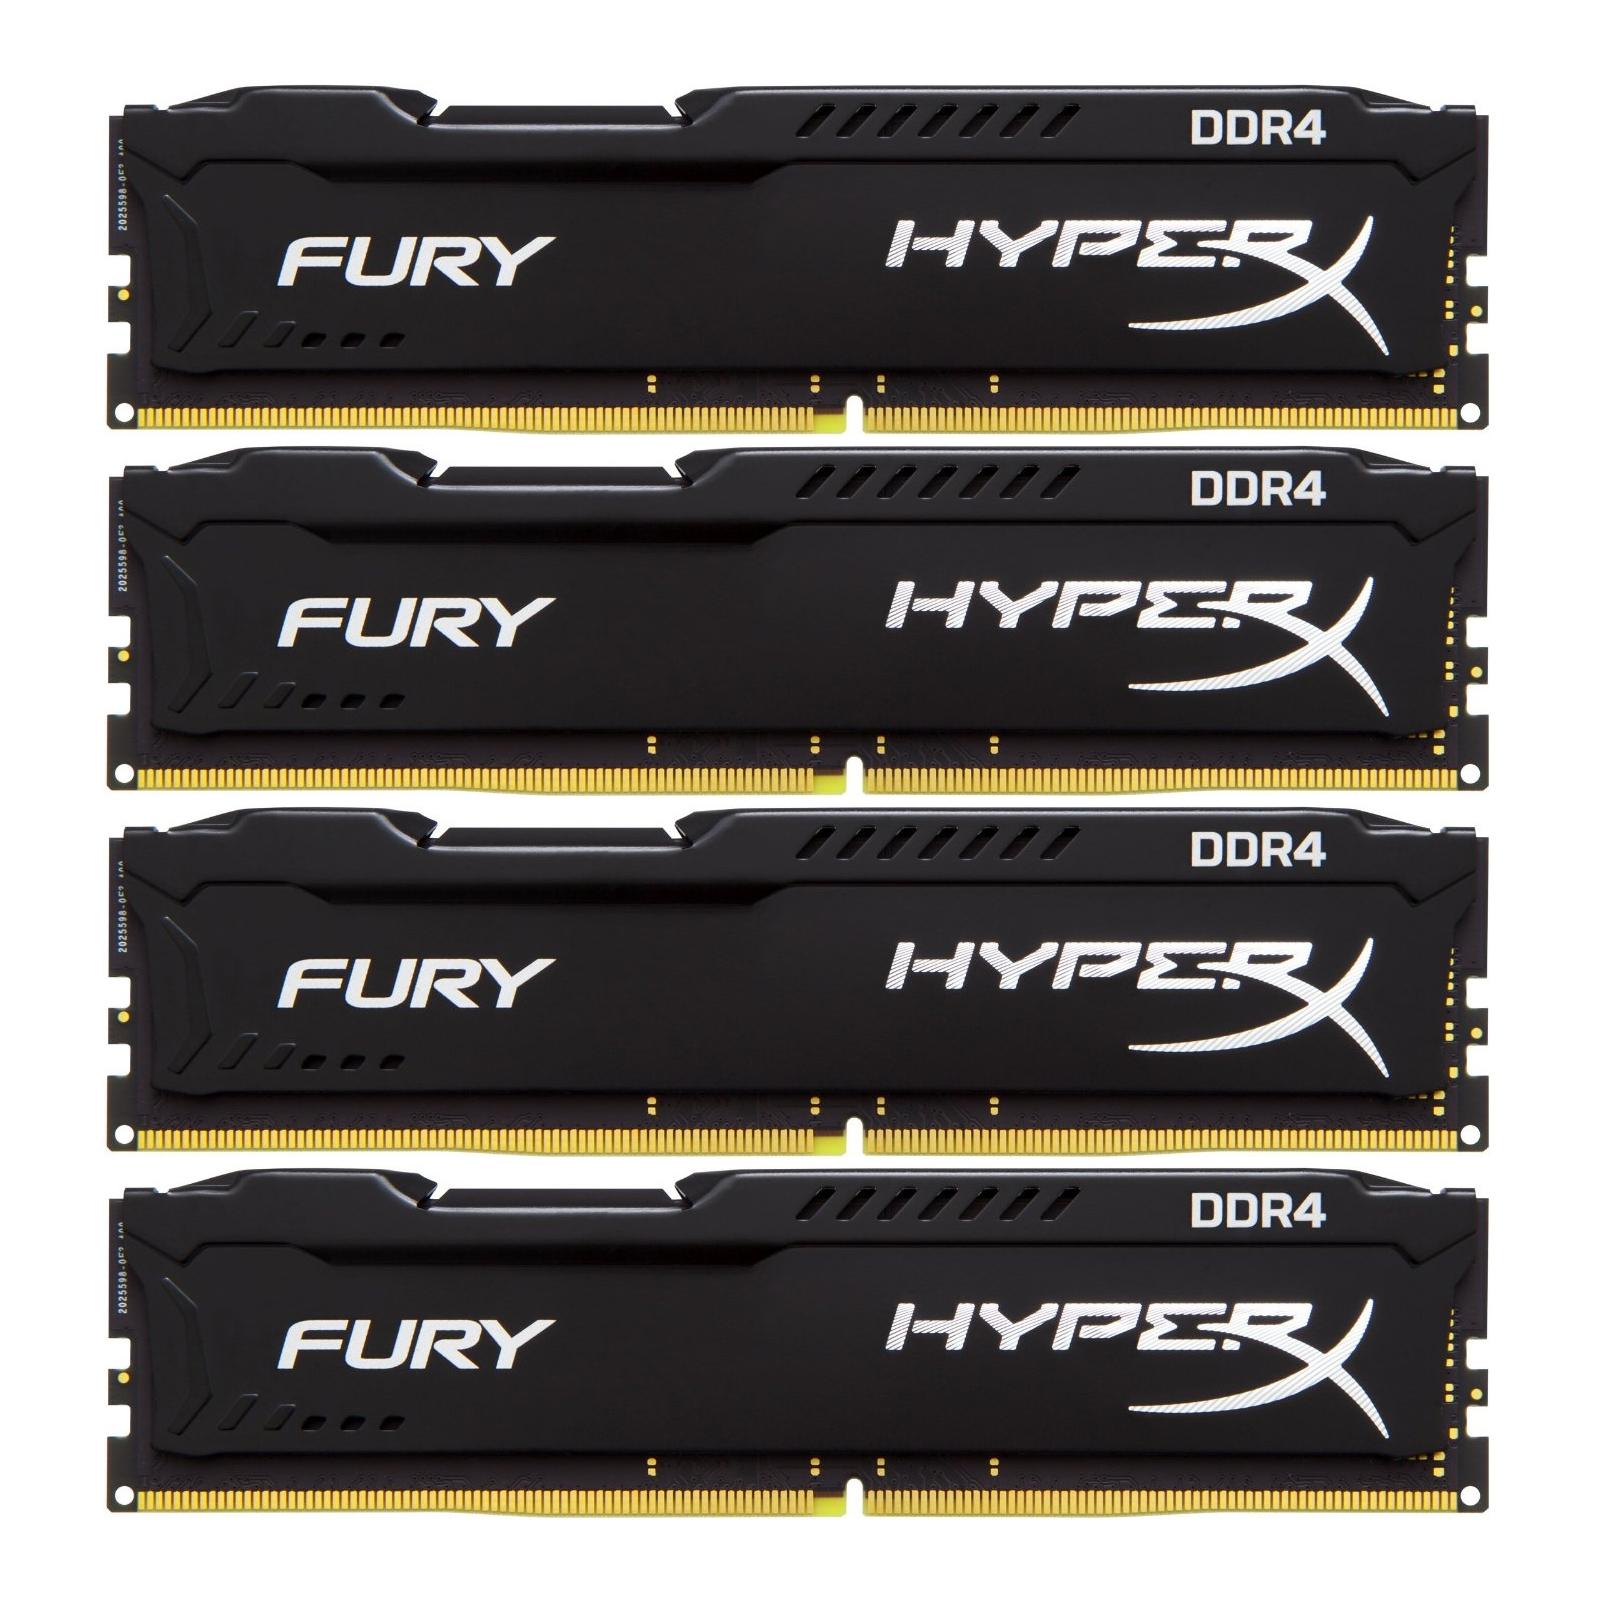 Модуль памяти для компьютера DDR4 32GB (4x8GB) 2133 MHz HyperX FURY Black Kingston (HX421C14FB2K4/32)